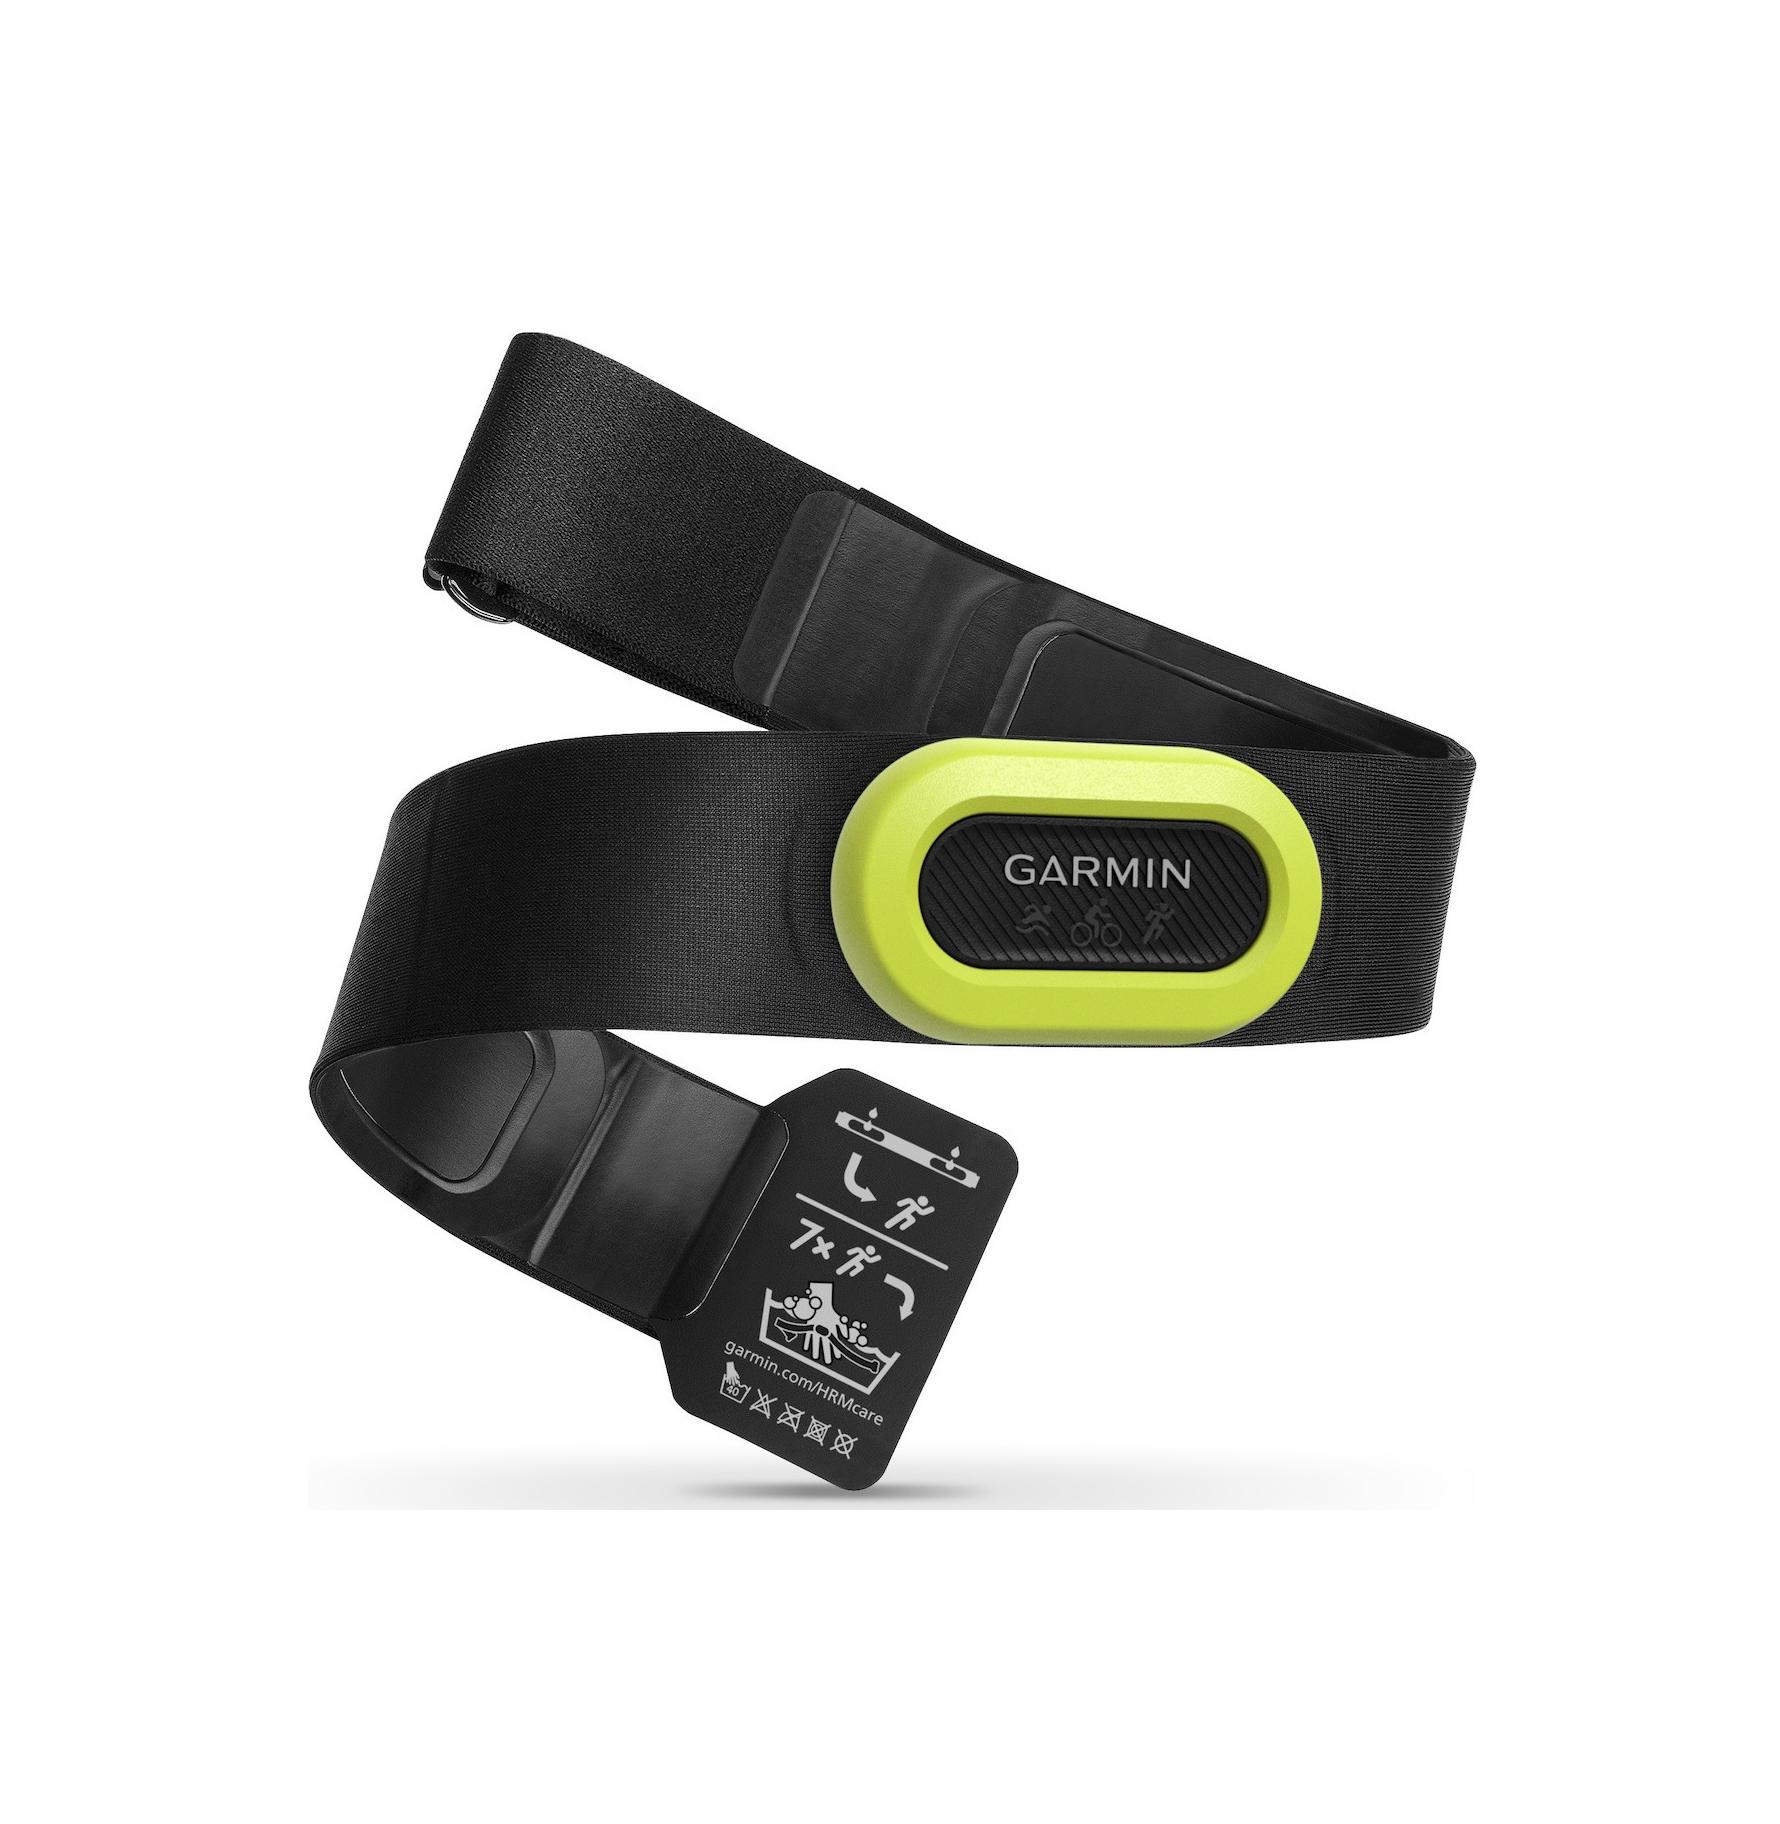 Garmin HRM-Pro Premium HF Chest Strap 010-12955-00